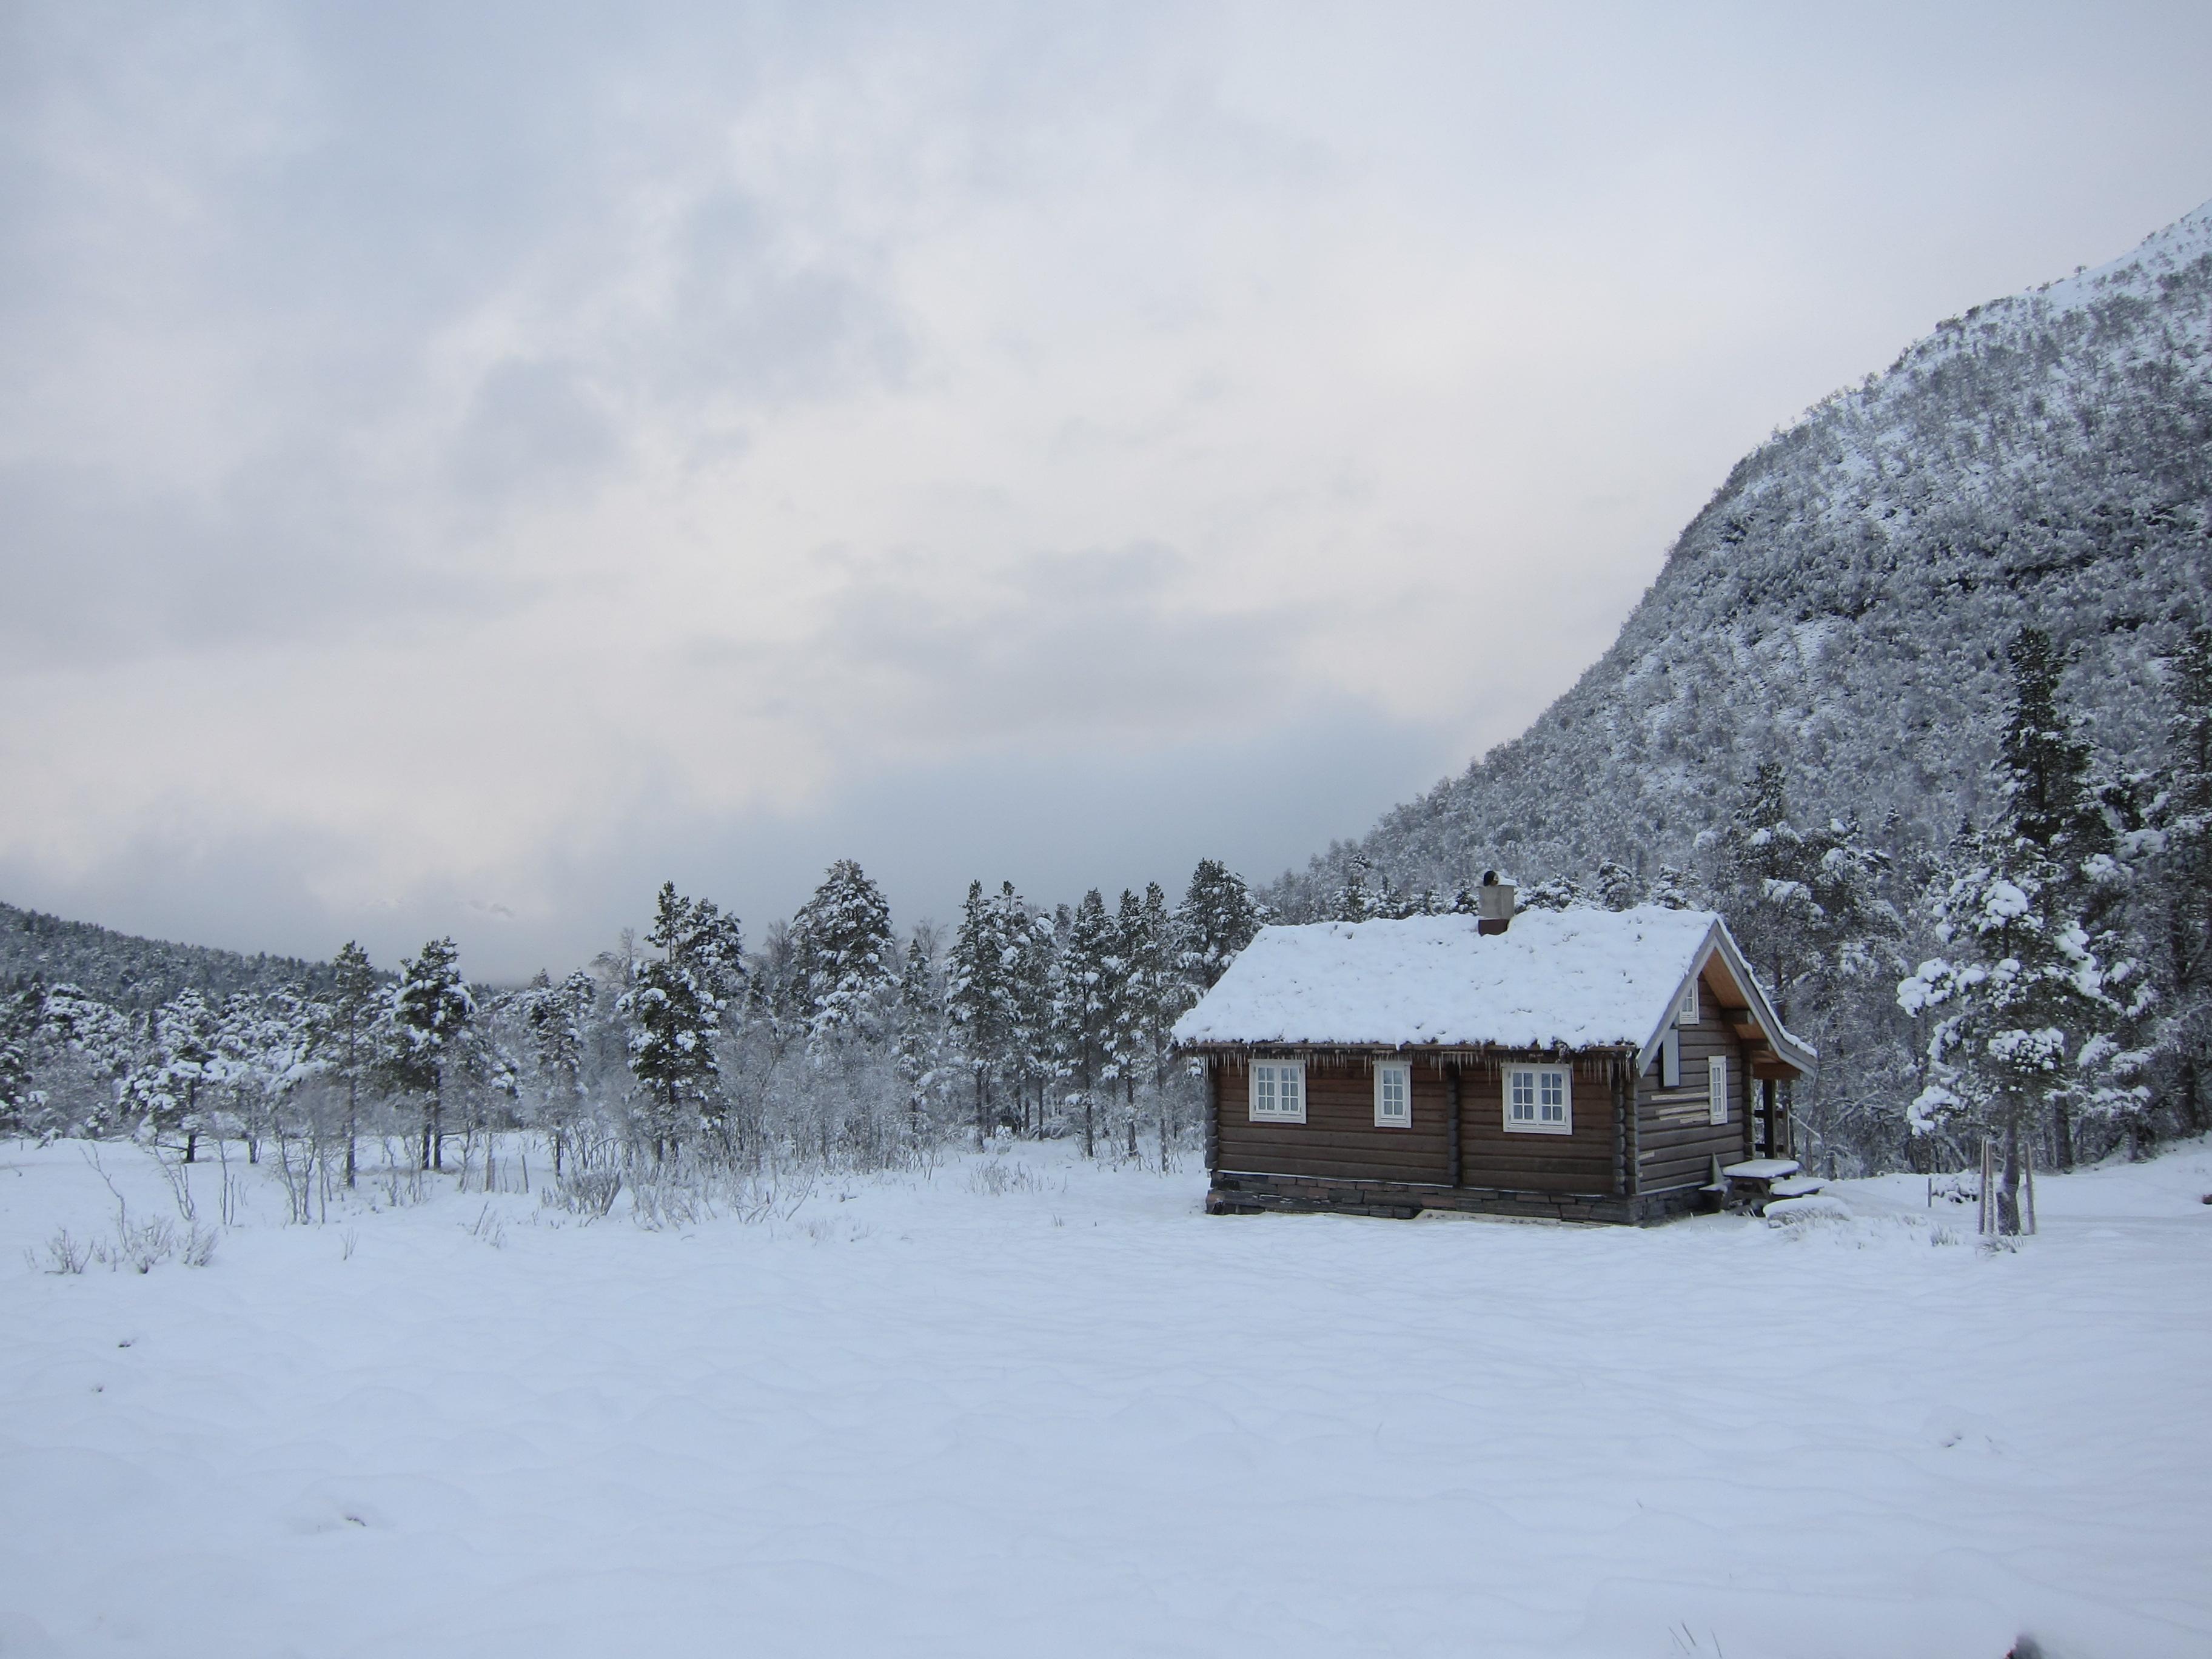 File:Traditional norwegian wood cabin (hytte) in Rekdalsetra with snow - Rekdal, Vestnes, Norway 2017-12-29.jpg